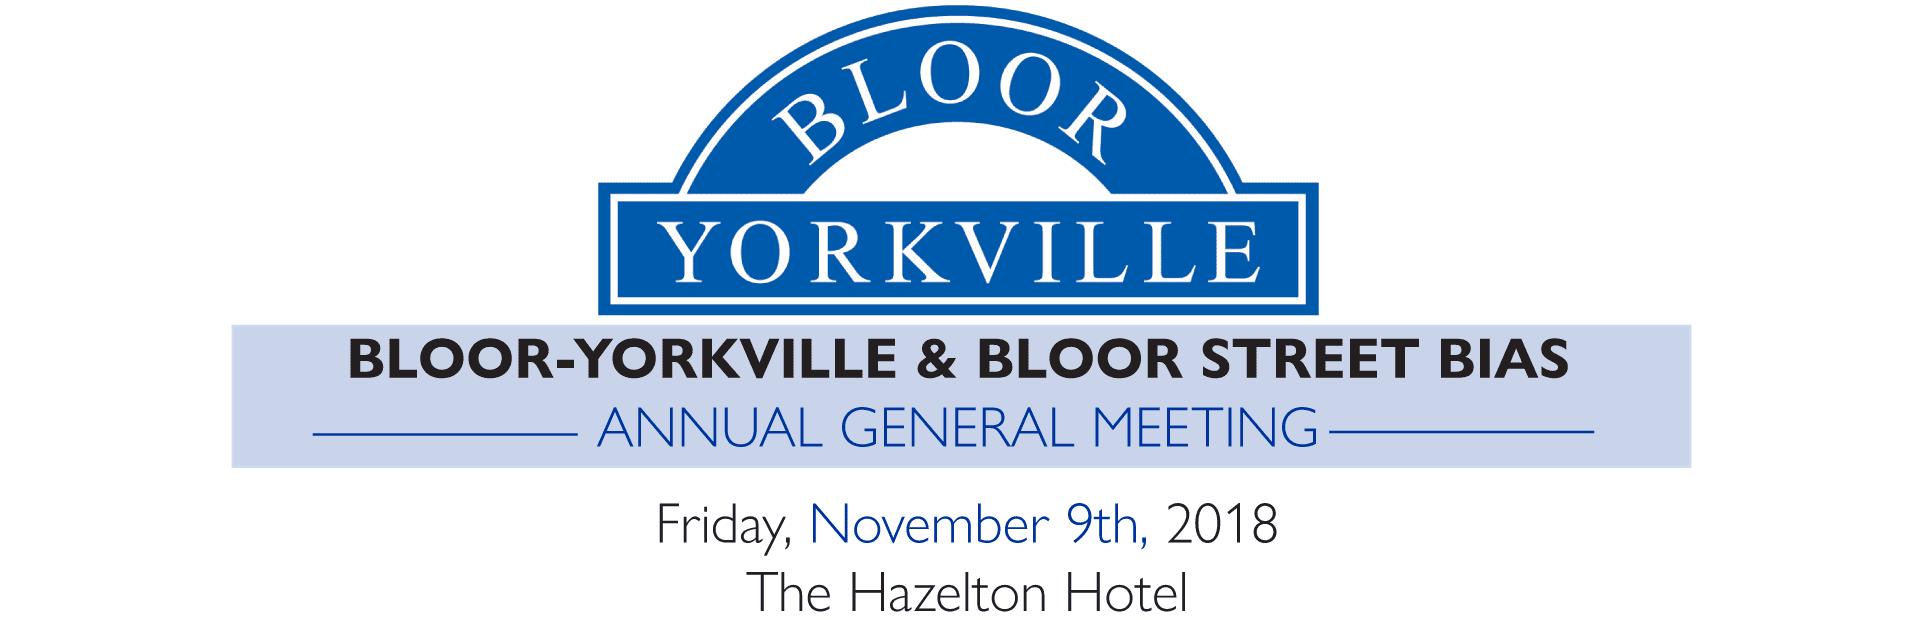 Reminder: Bloor-Yorkville & Bloor Street BIA's AGM!